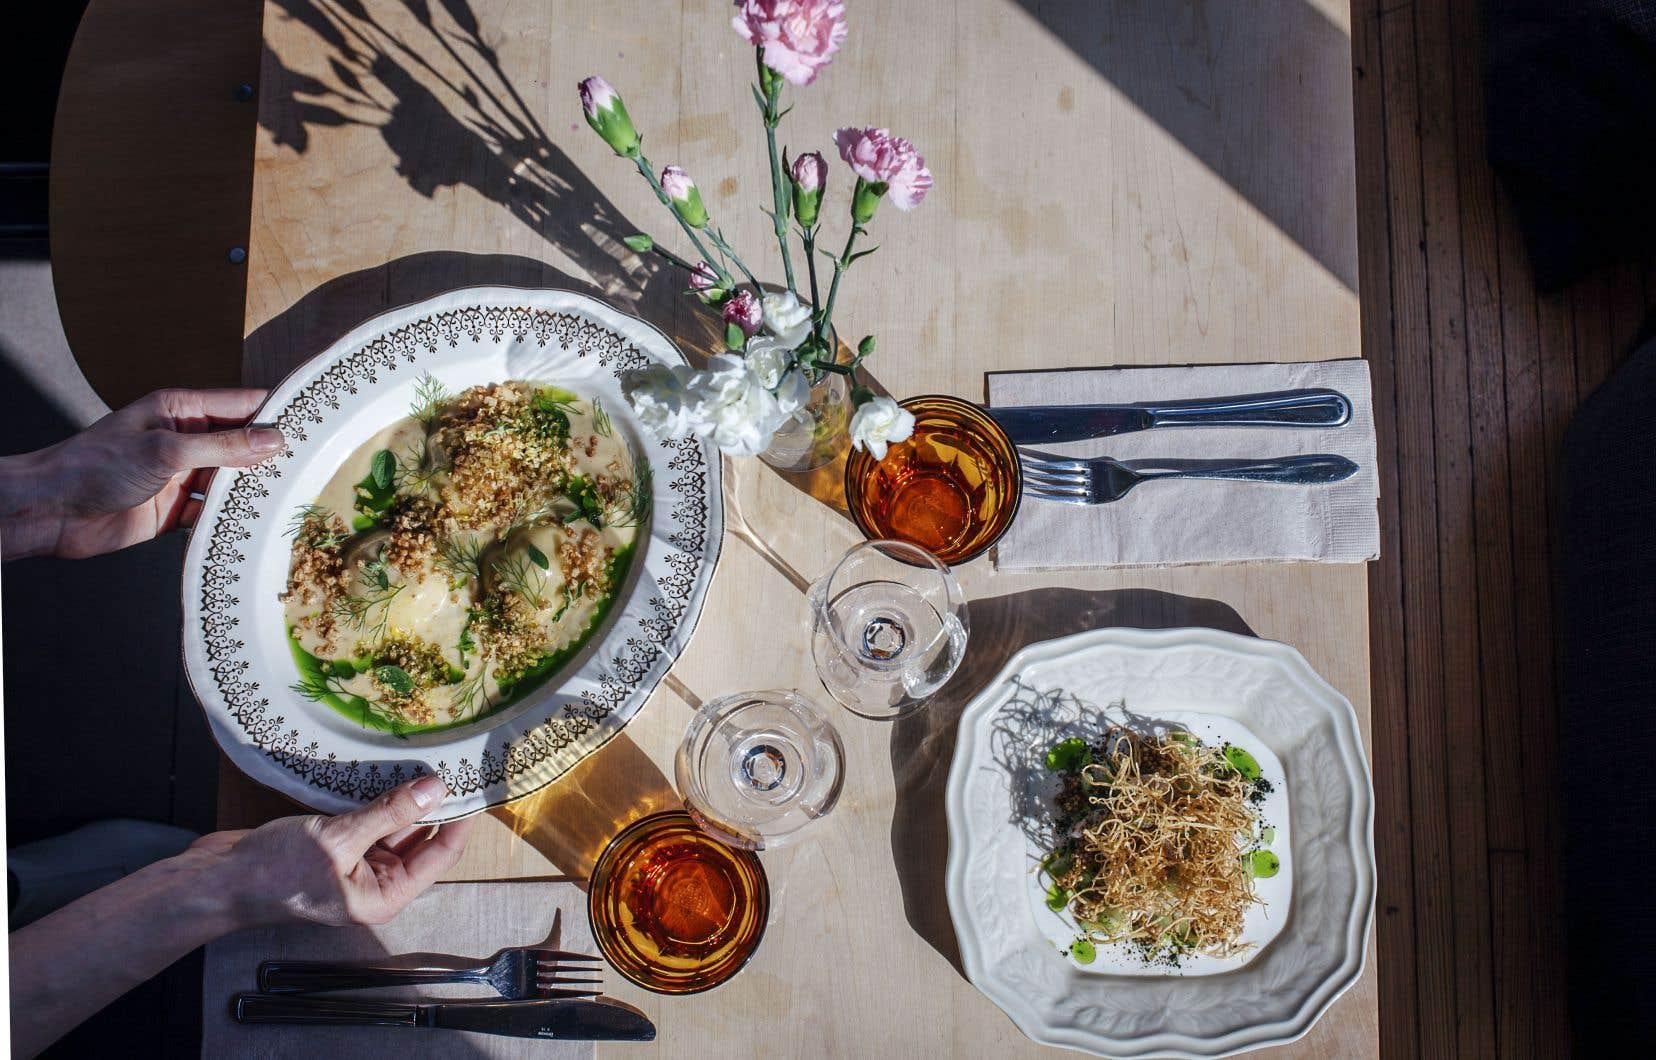 Une assiette présentant trois généreux raviolis farcis de chair de crabe, navet, brins d'aneth, mini-dés de pommes de terre et une sauce crémeuse